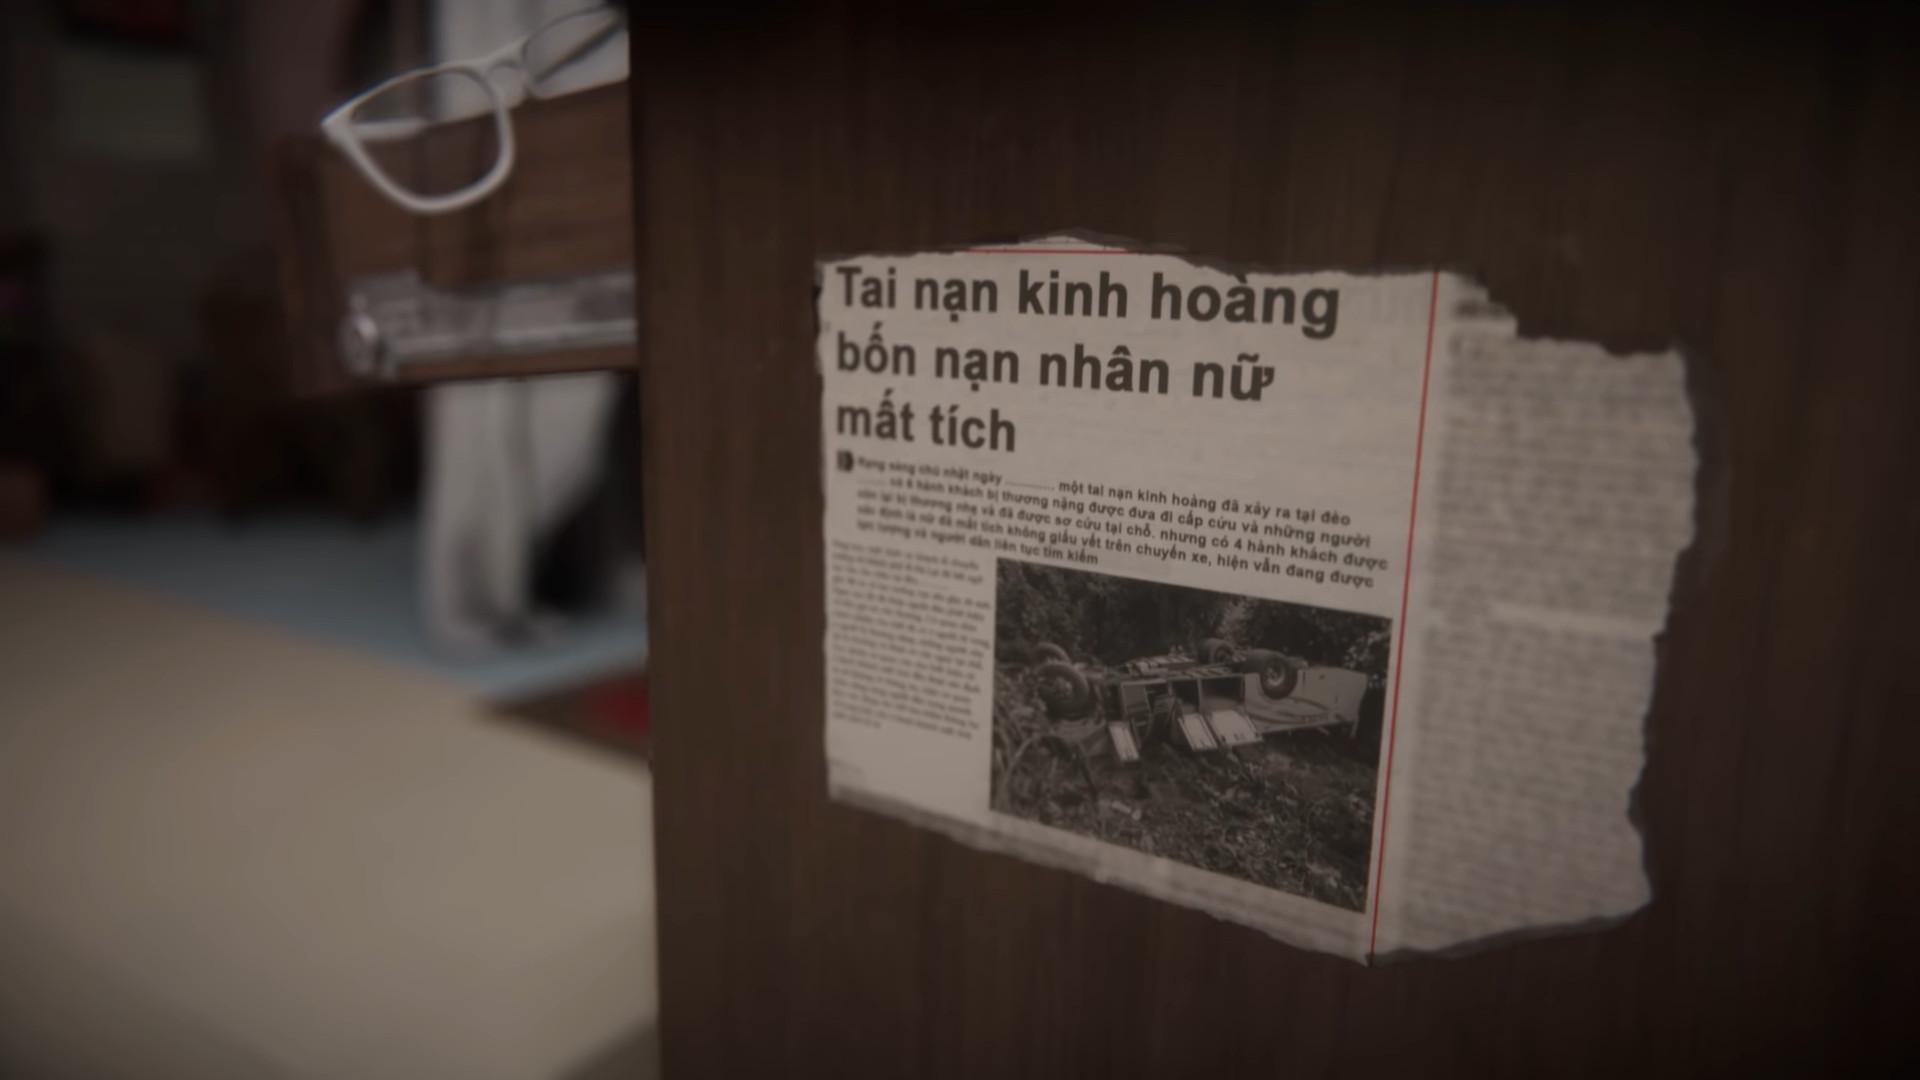 Câu chuyện đầy bí ẩn trong game Tai Ương